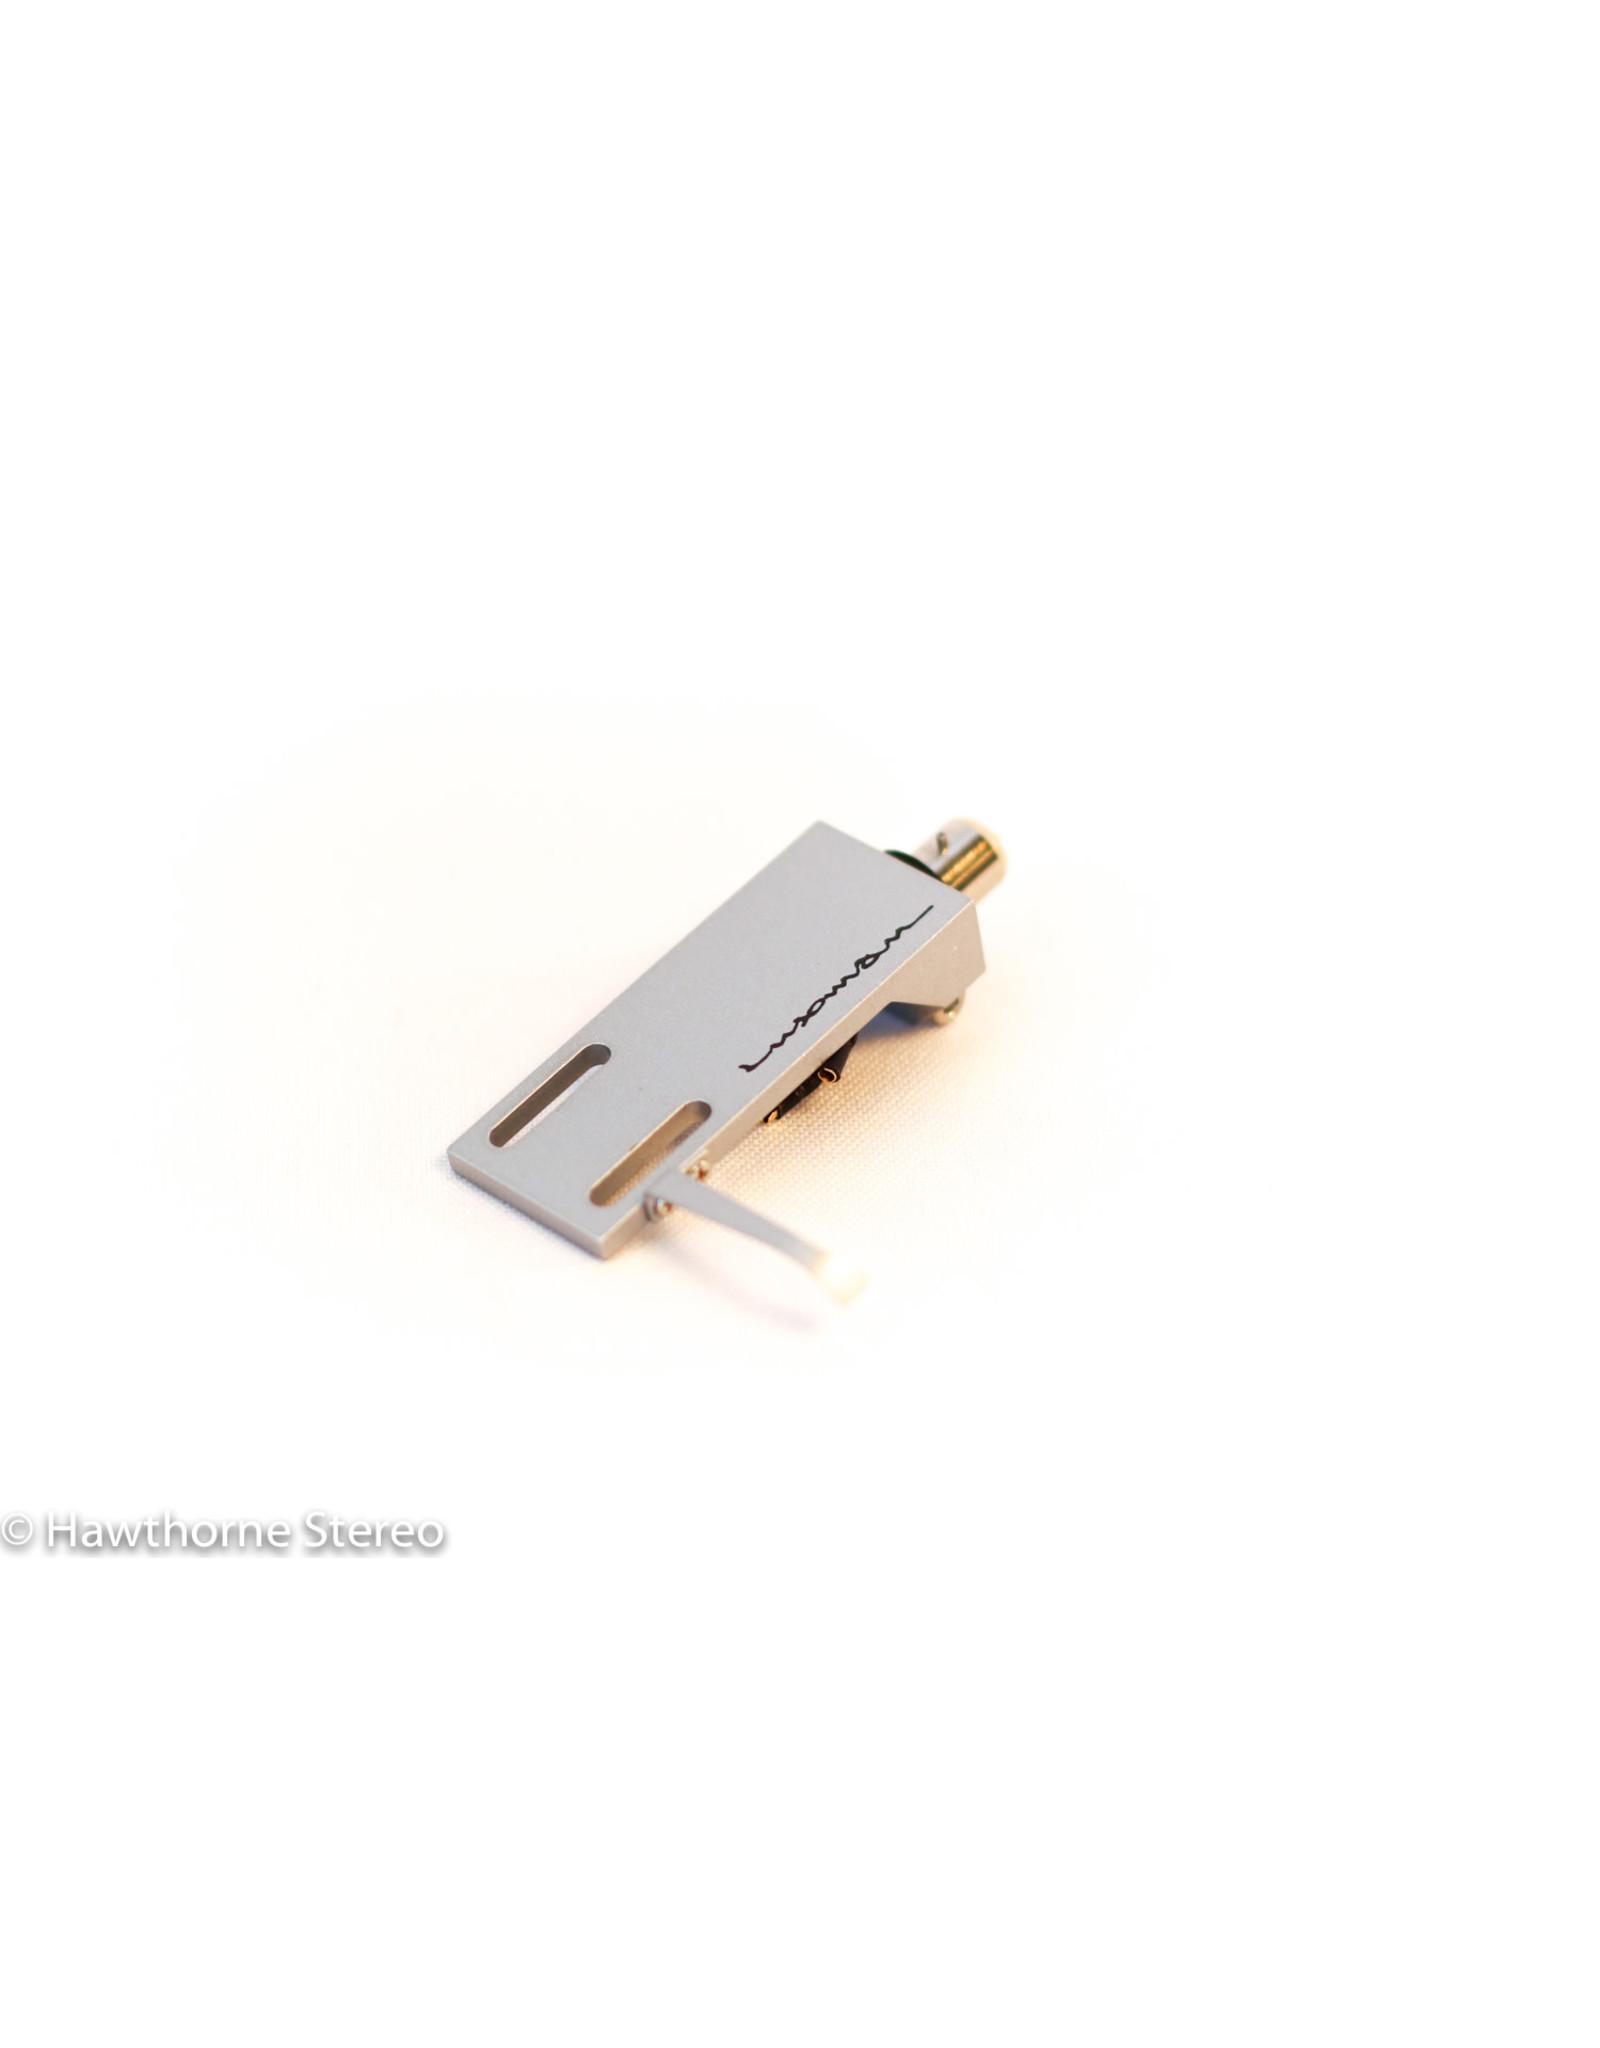 Luxman Luxman OPPD-SH1 Headshell USED